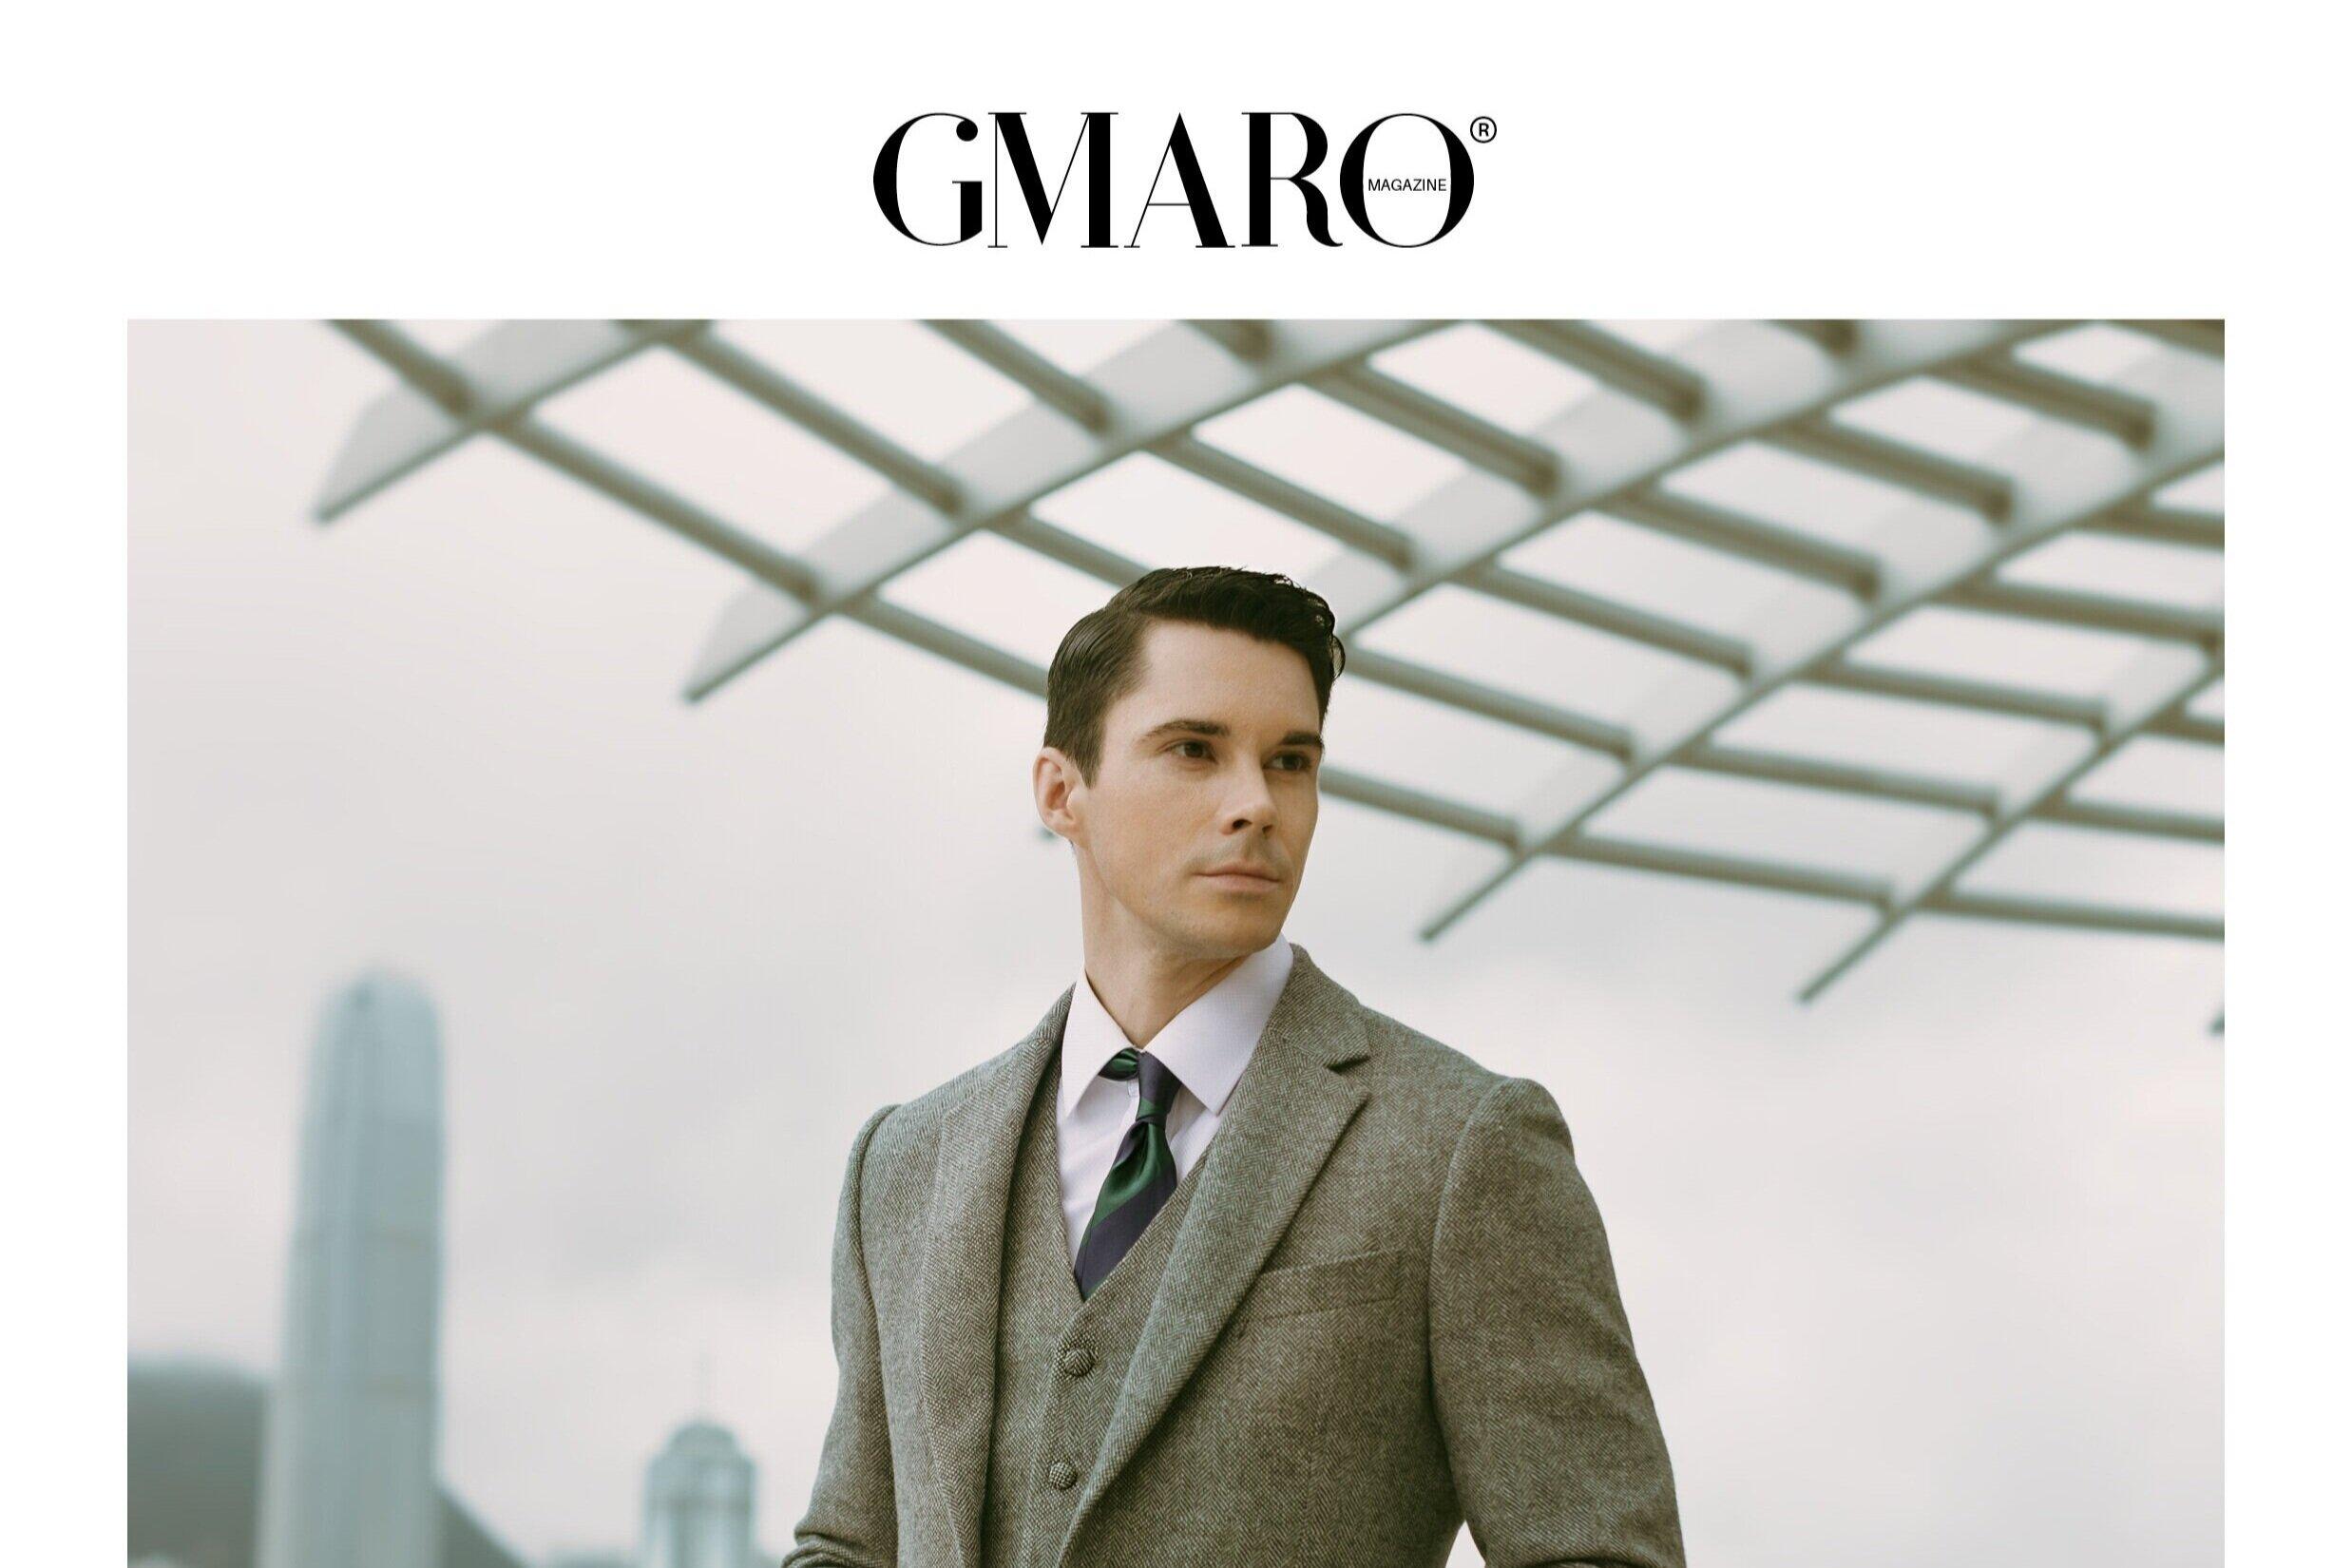 Gmaro Magazine/ Fashion